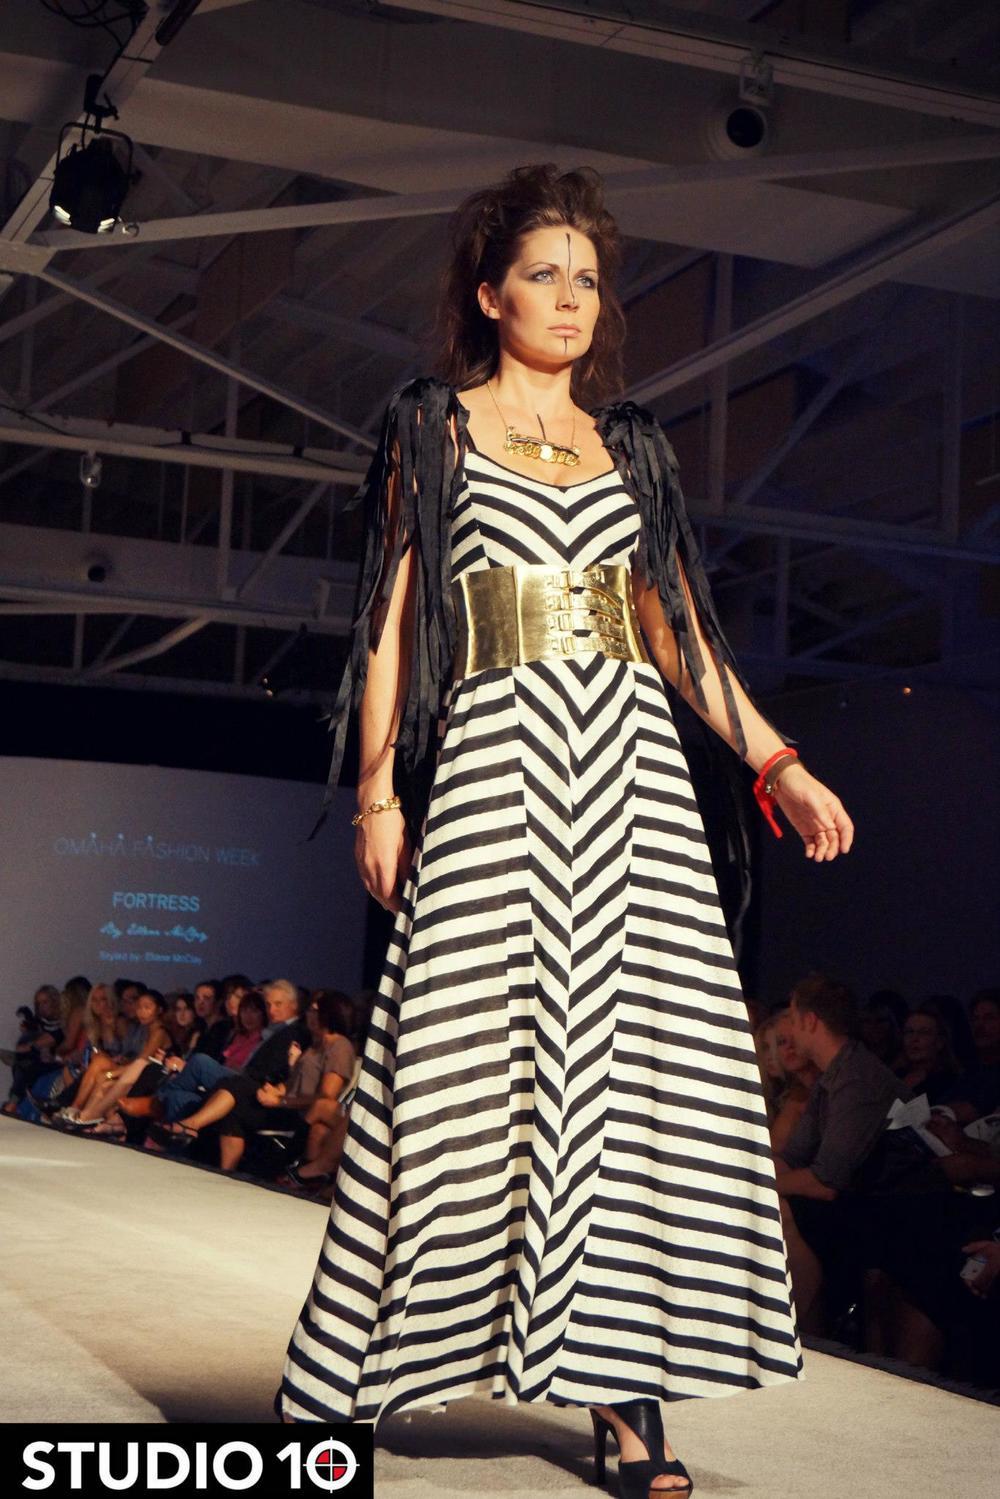 faith ofw chevron dress.jpg